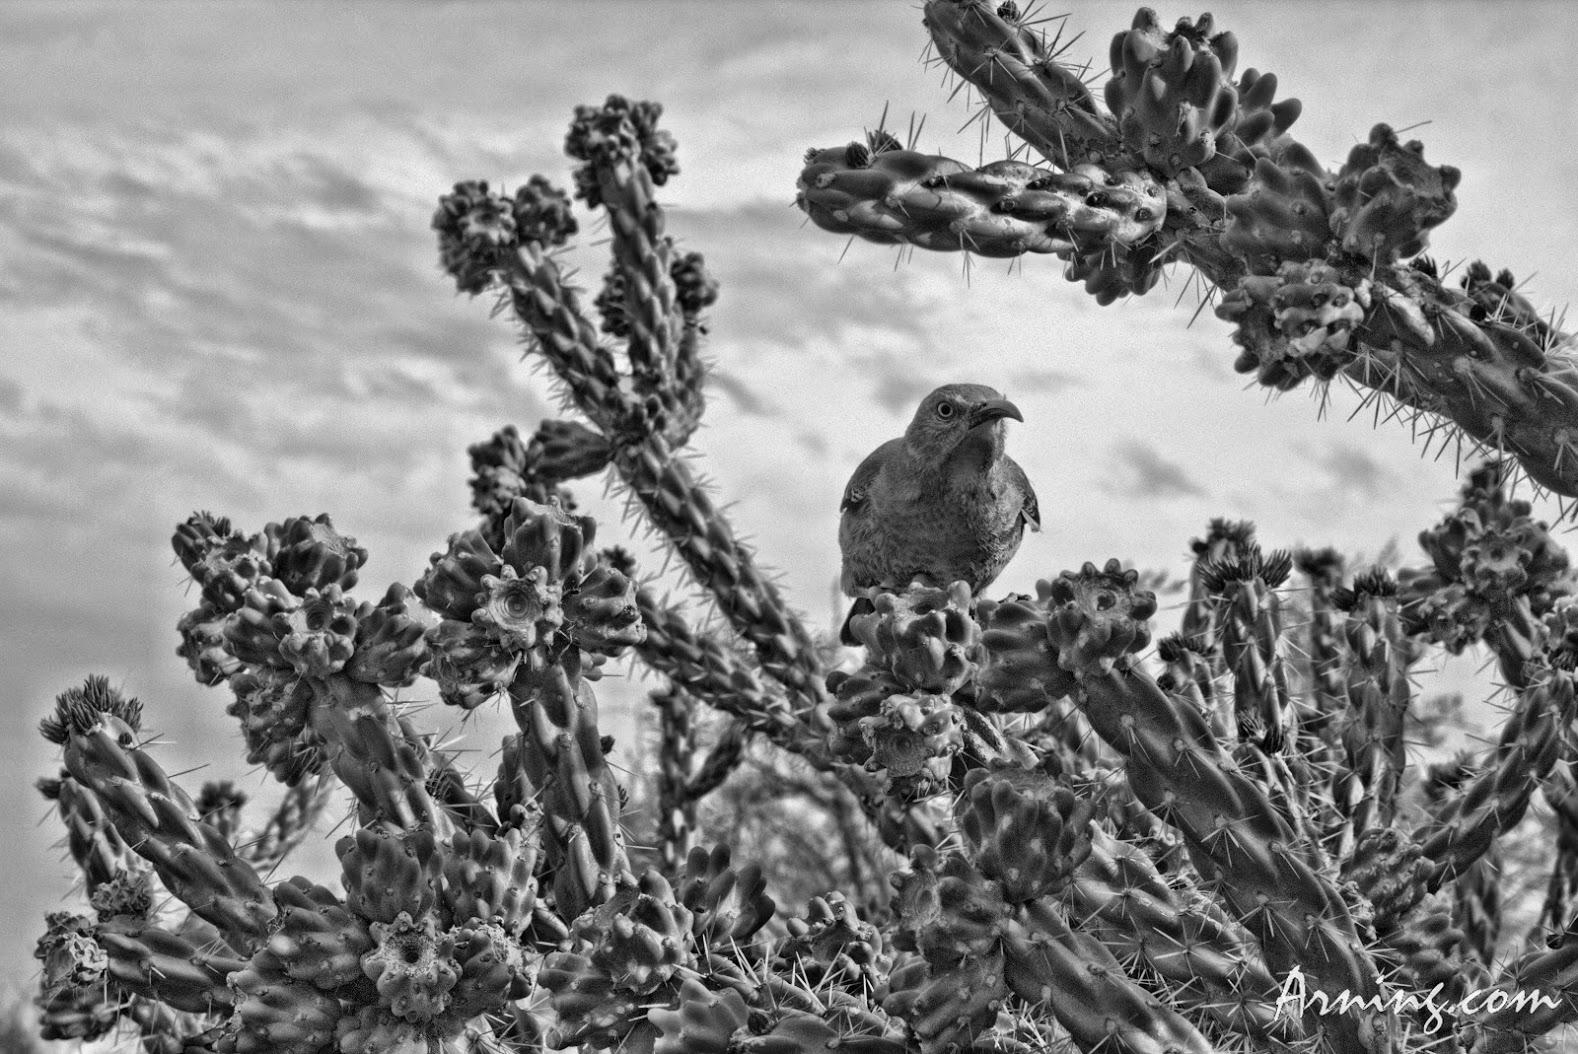 Mother bird guarding her nest